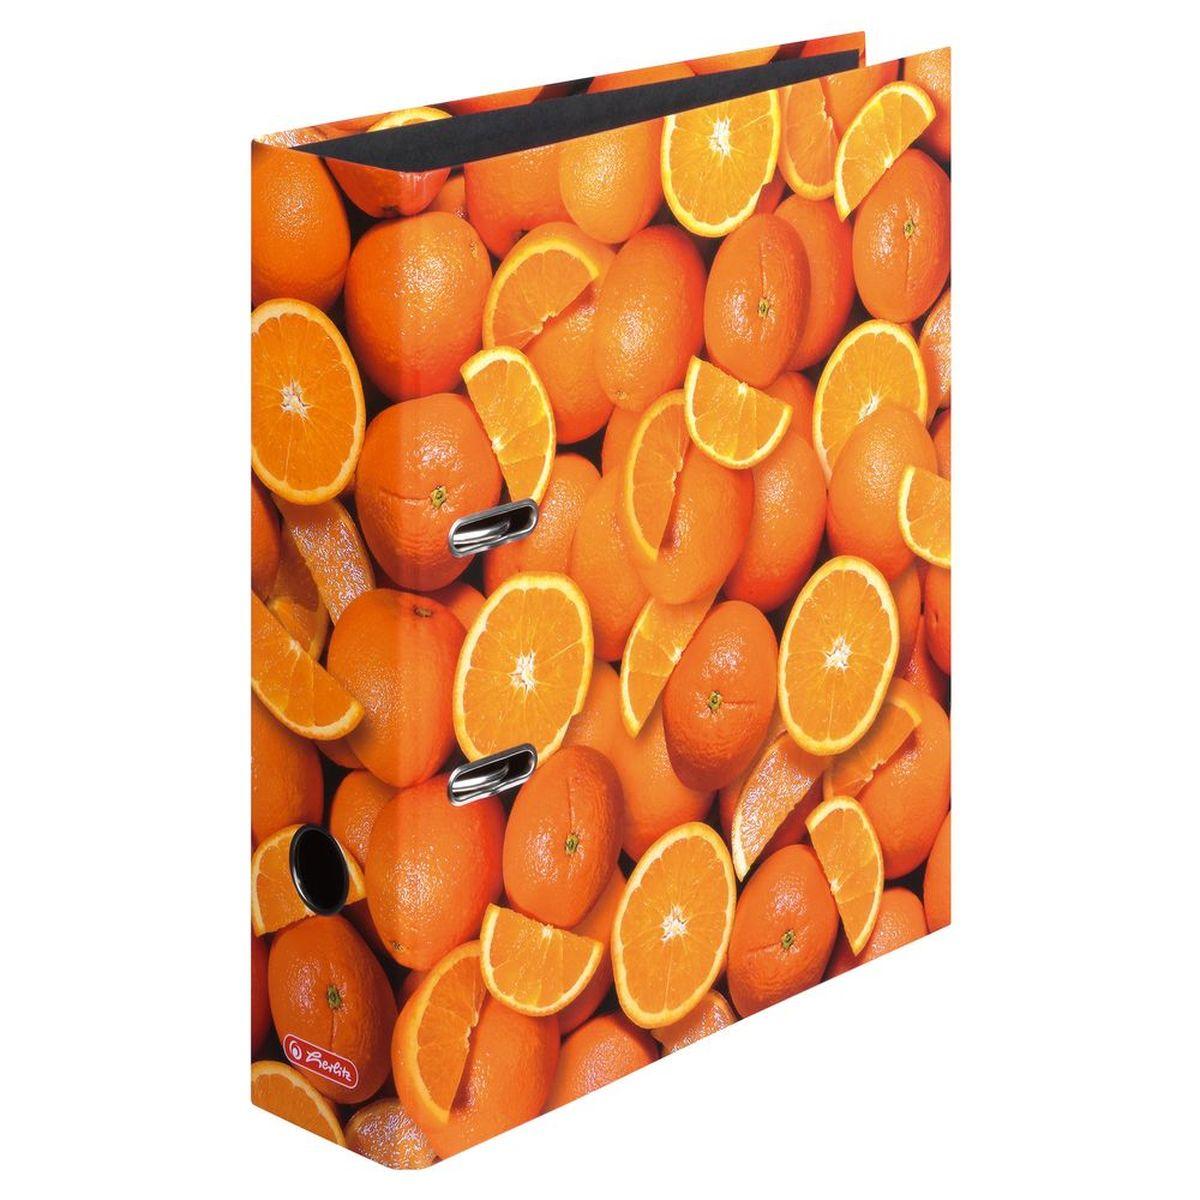 Herlitz Папка-регистратор MaX.file Апельсины фискальный регистратор атол fprint 22птк без фн white